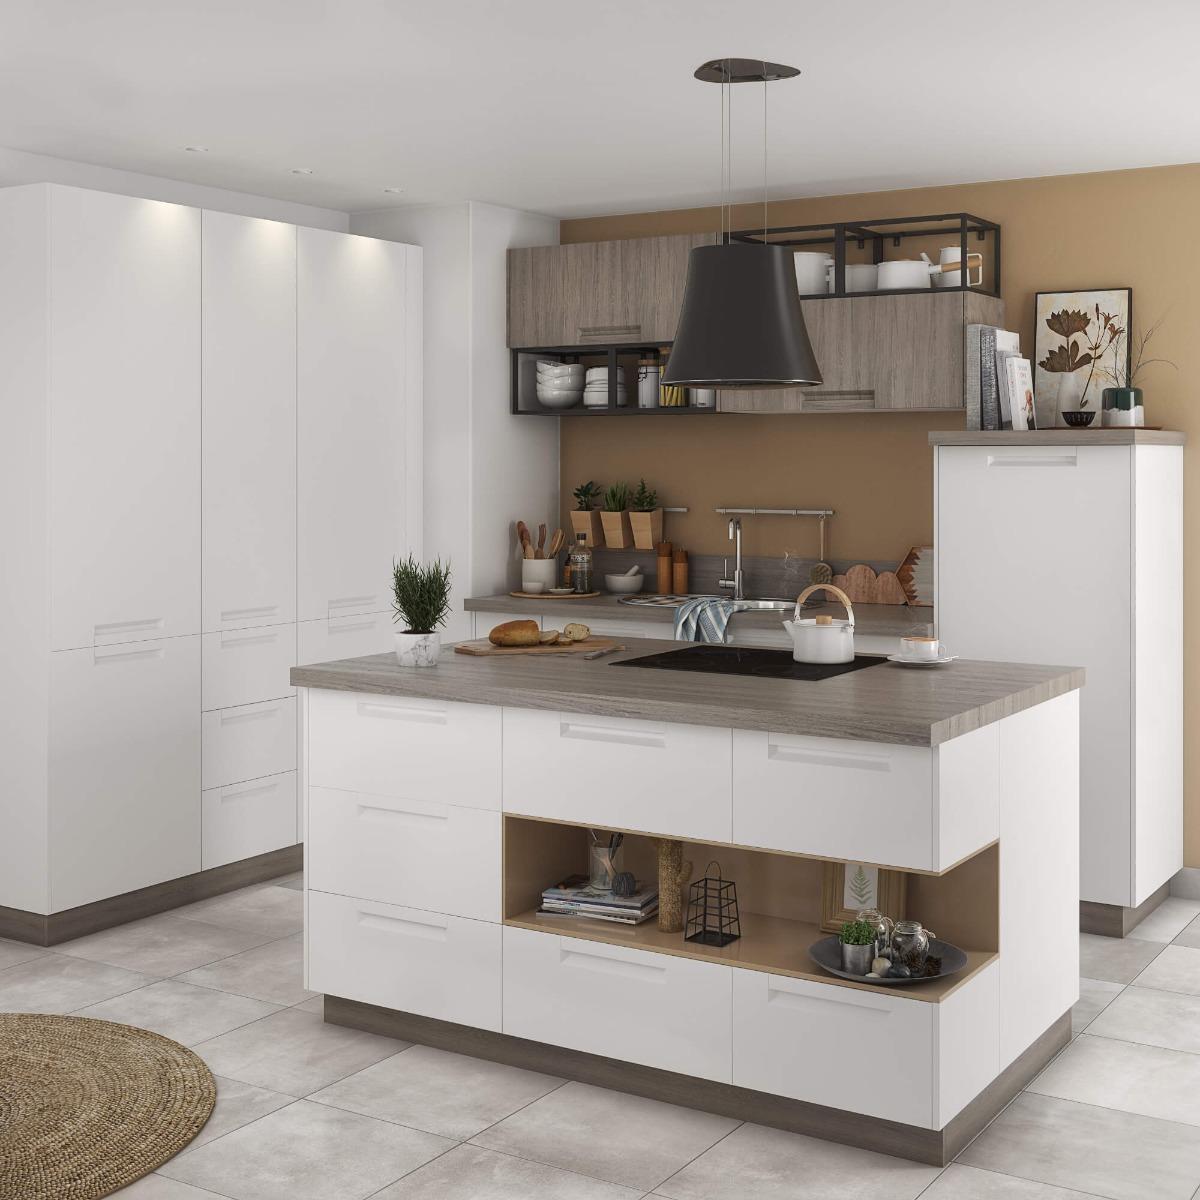 Delinia Detroit Designer Kitchen Mobi - Example 4